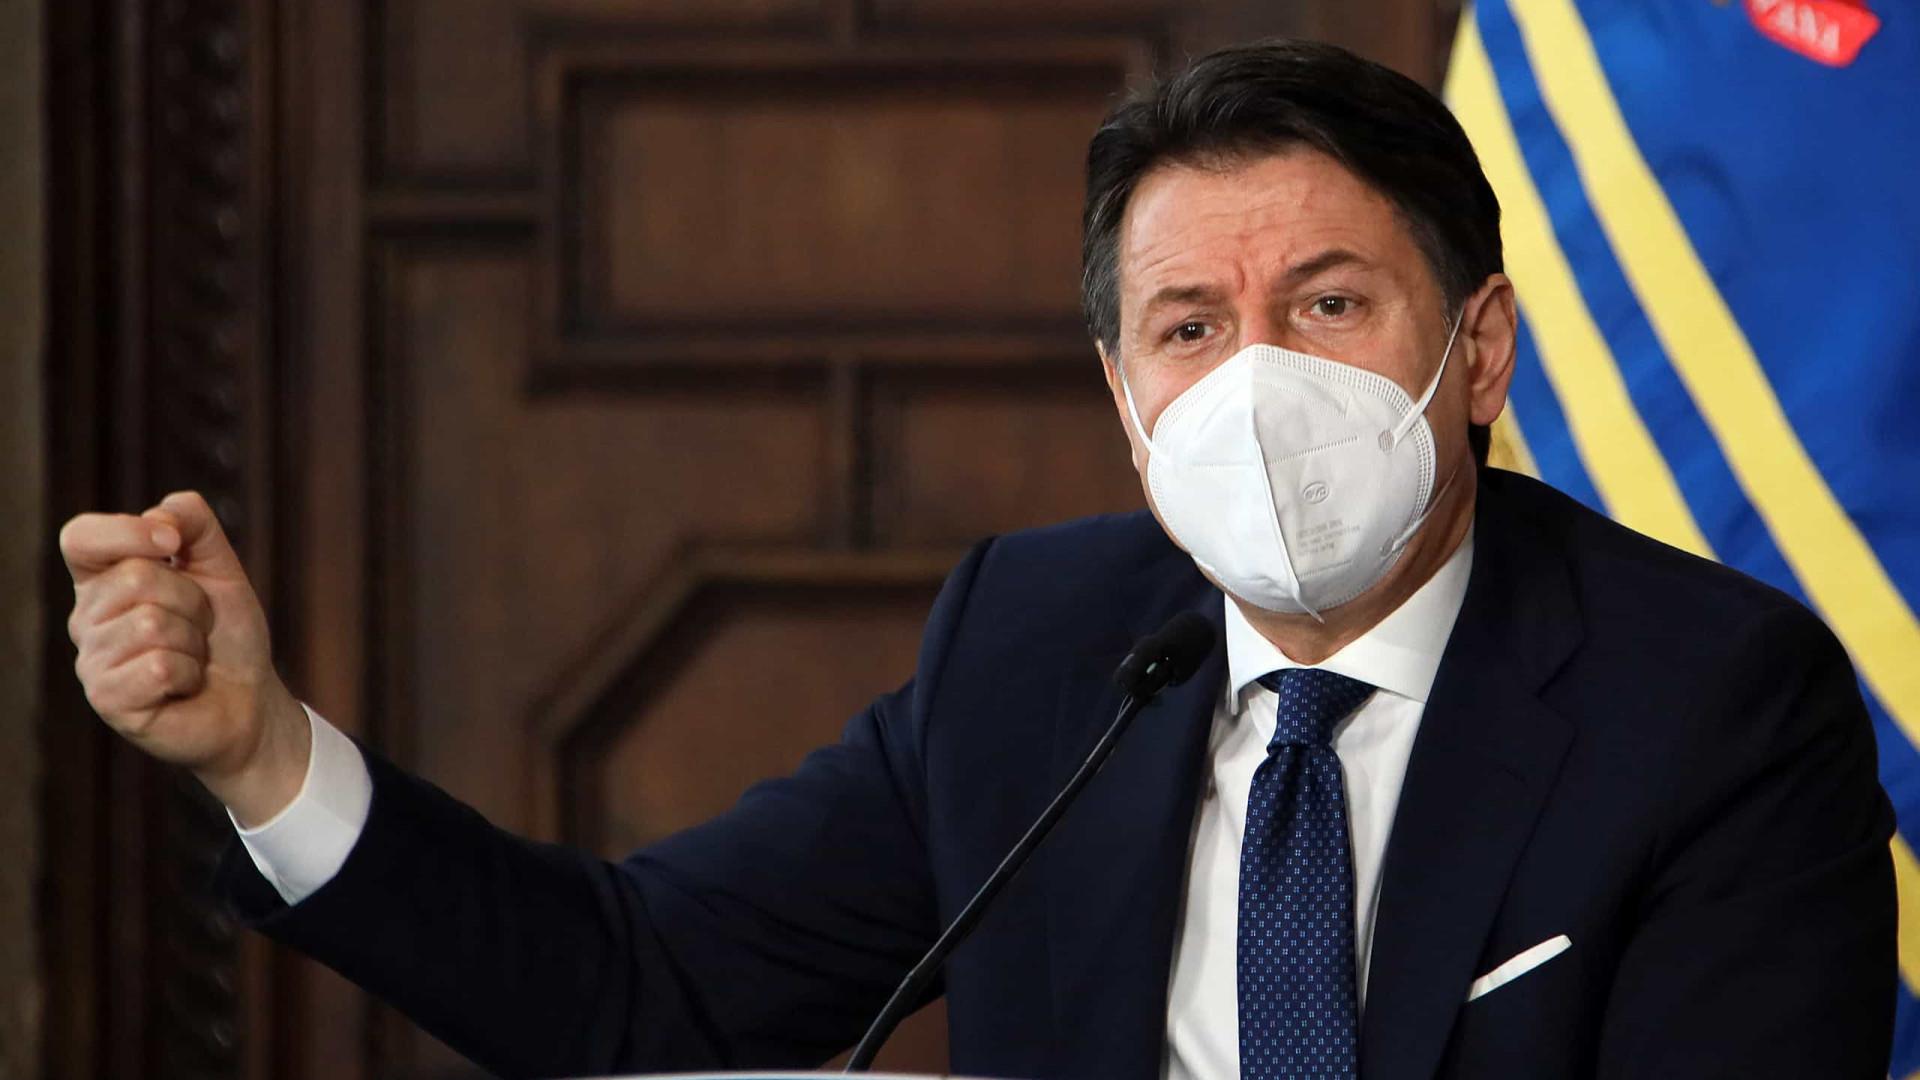 Renúncia de ministras mergulha Itália em crise política e ameaça primeiro-ministro